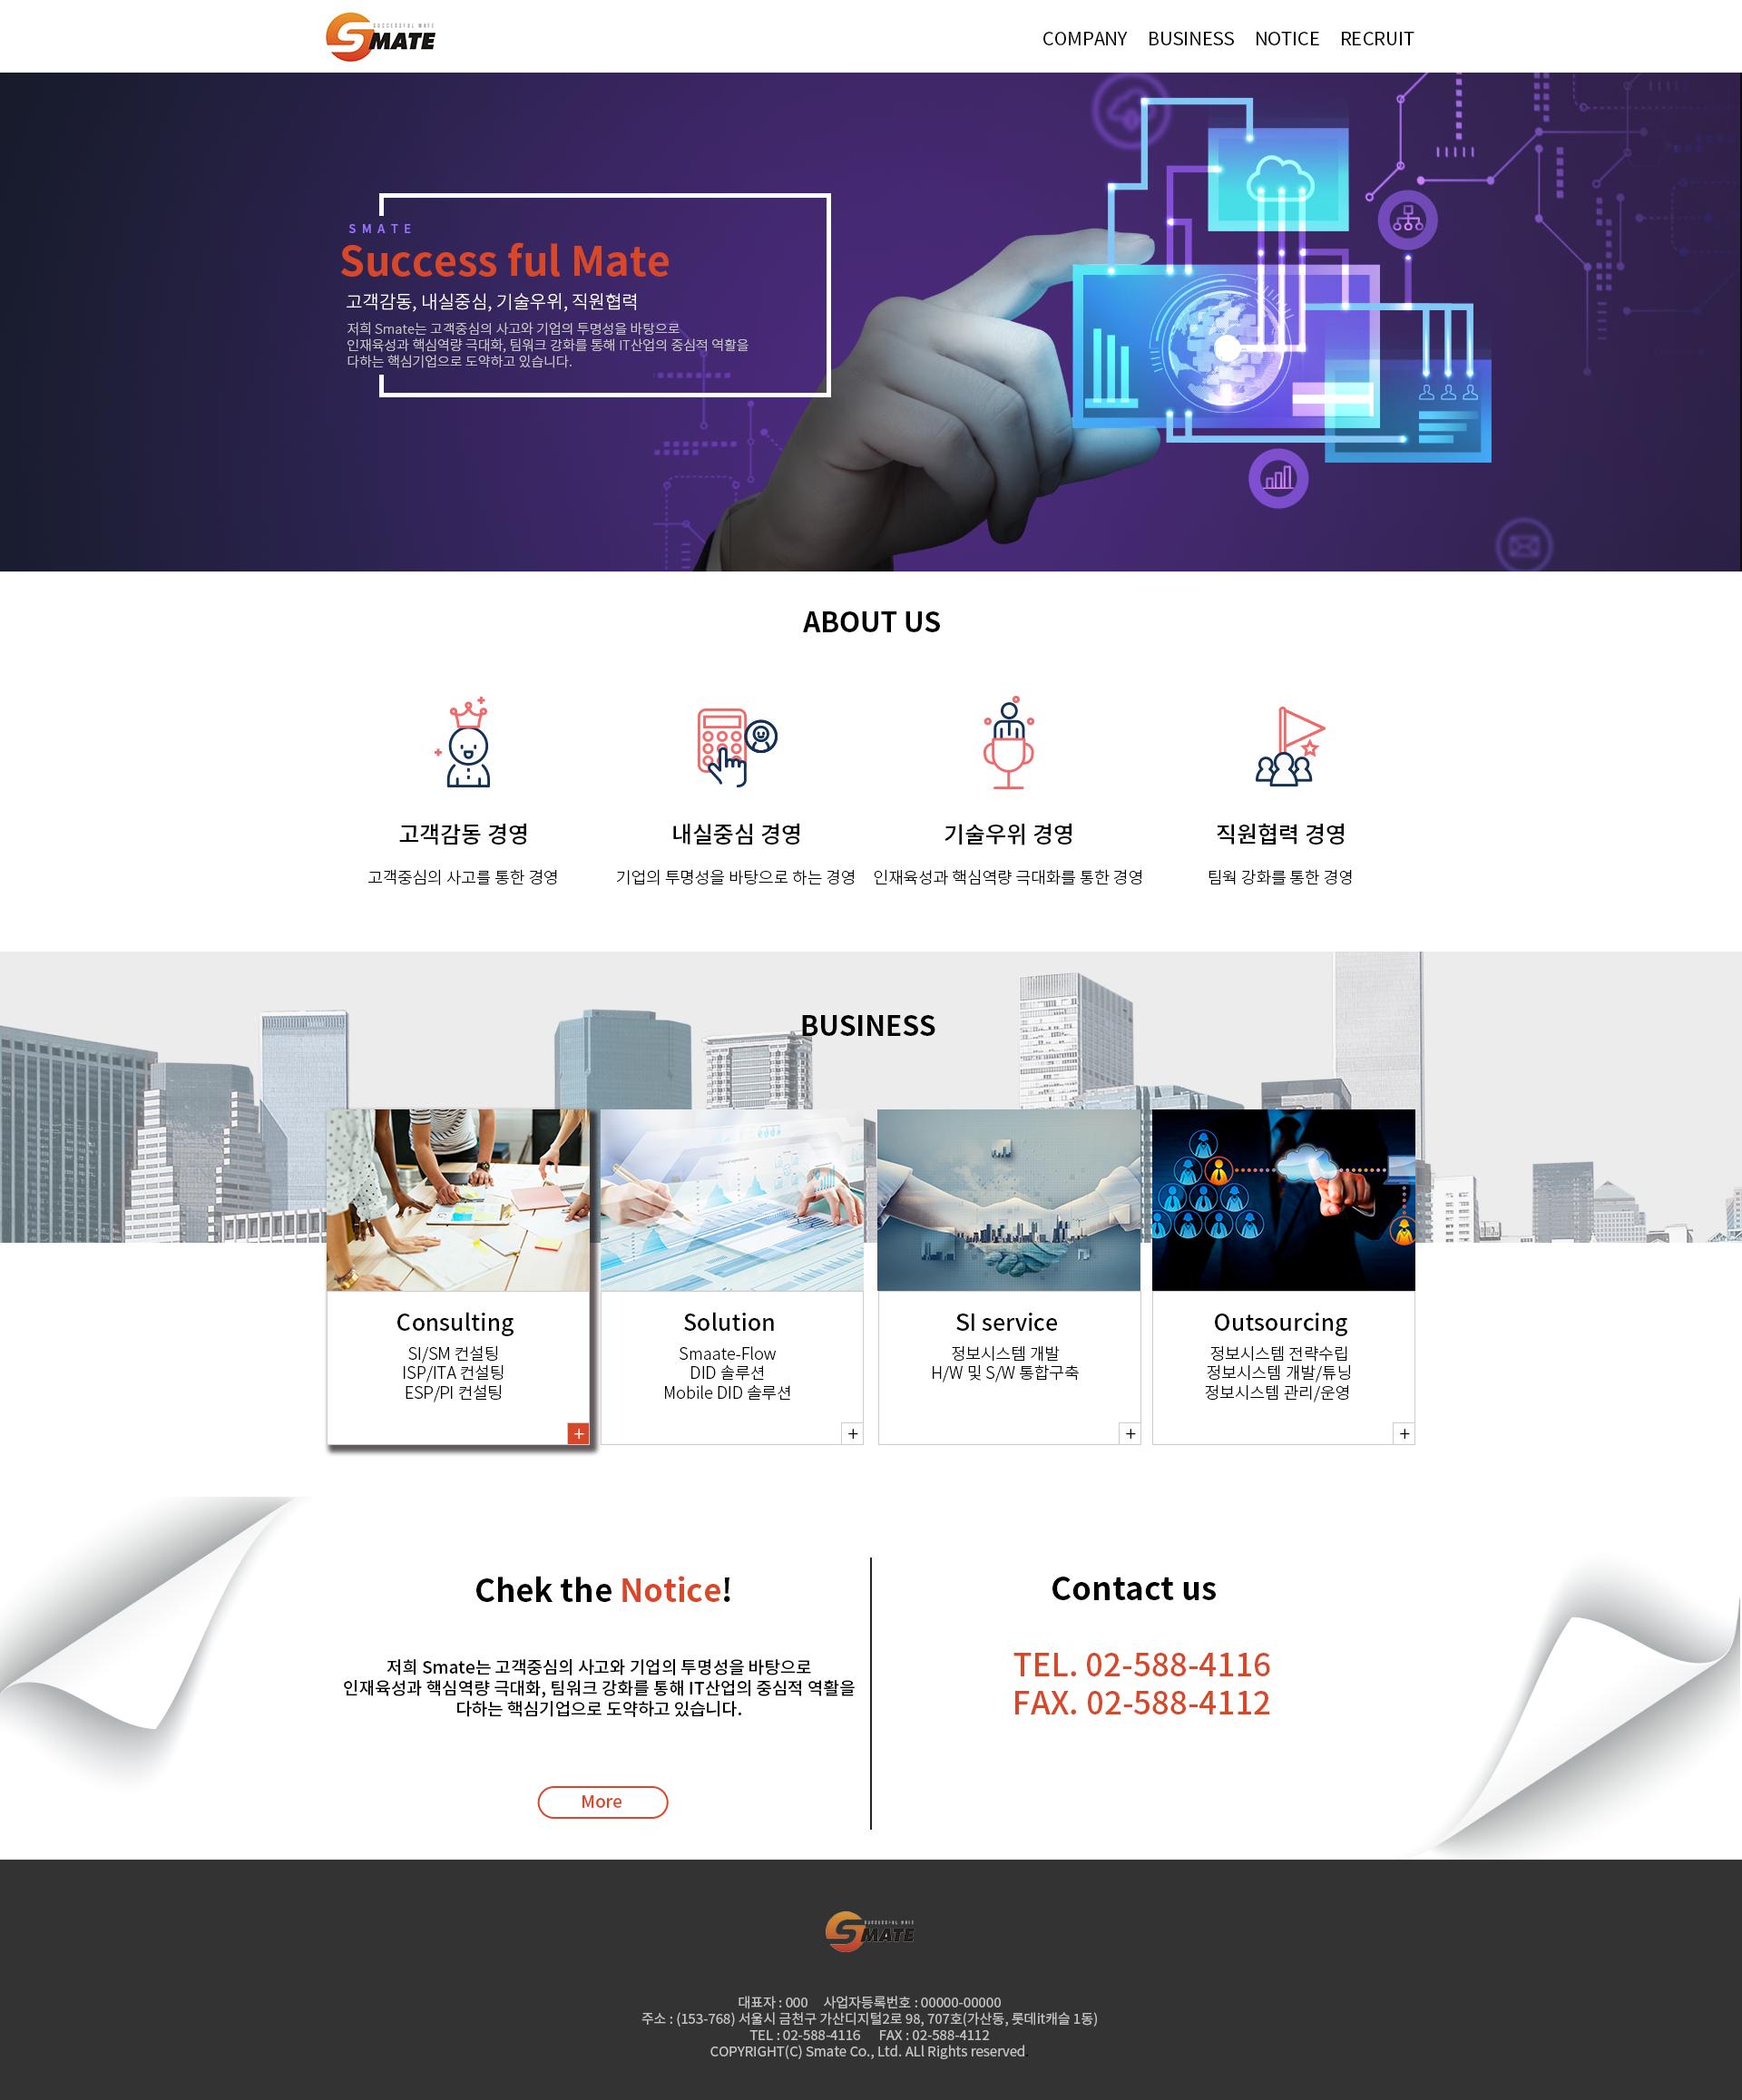 [반응형 회사홈페이지] IT기술, 솔루션 구축 전문기업 주식회사 에스메이트